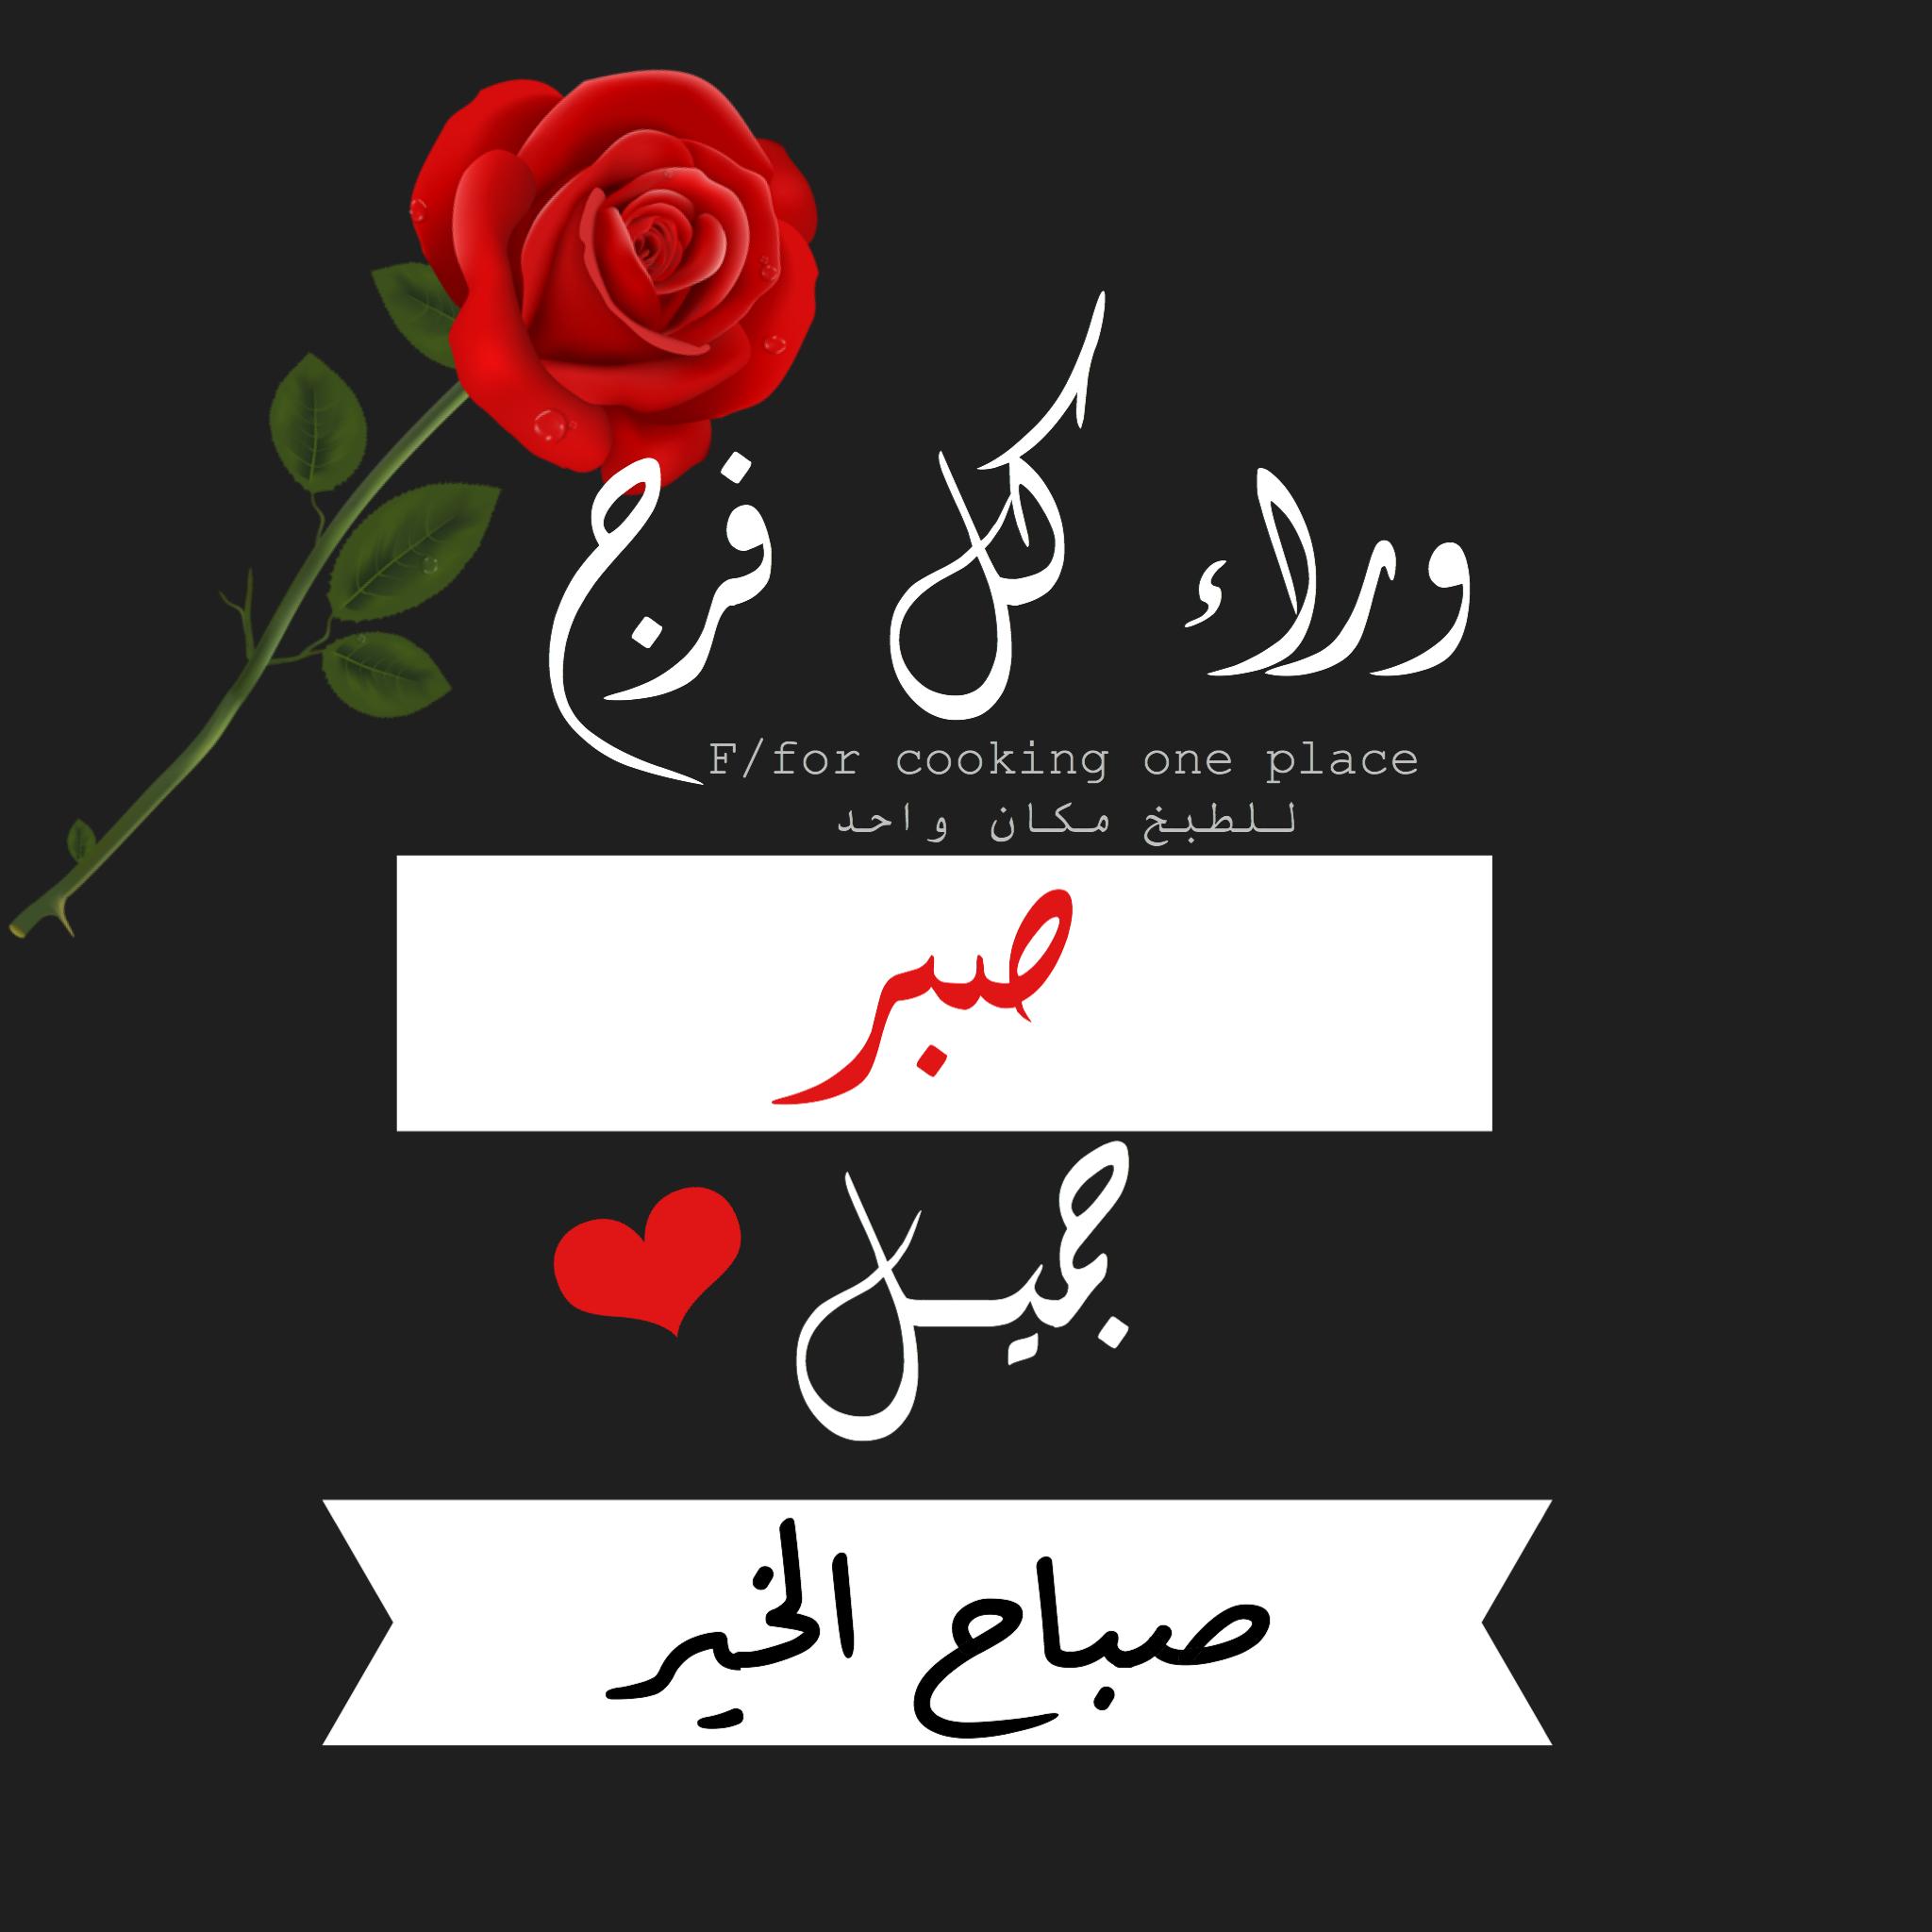 صباح الخير Good Morning Gif Morning Images Greetings